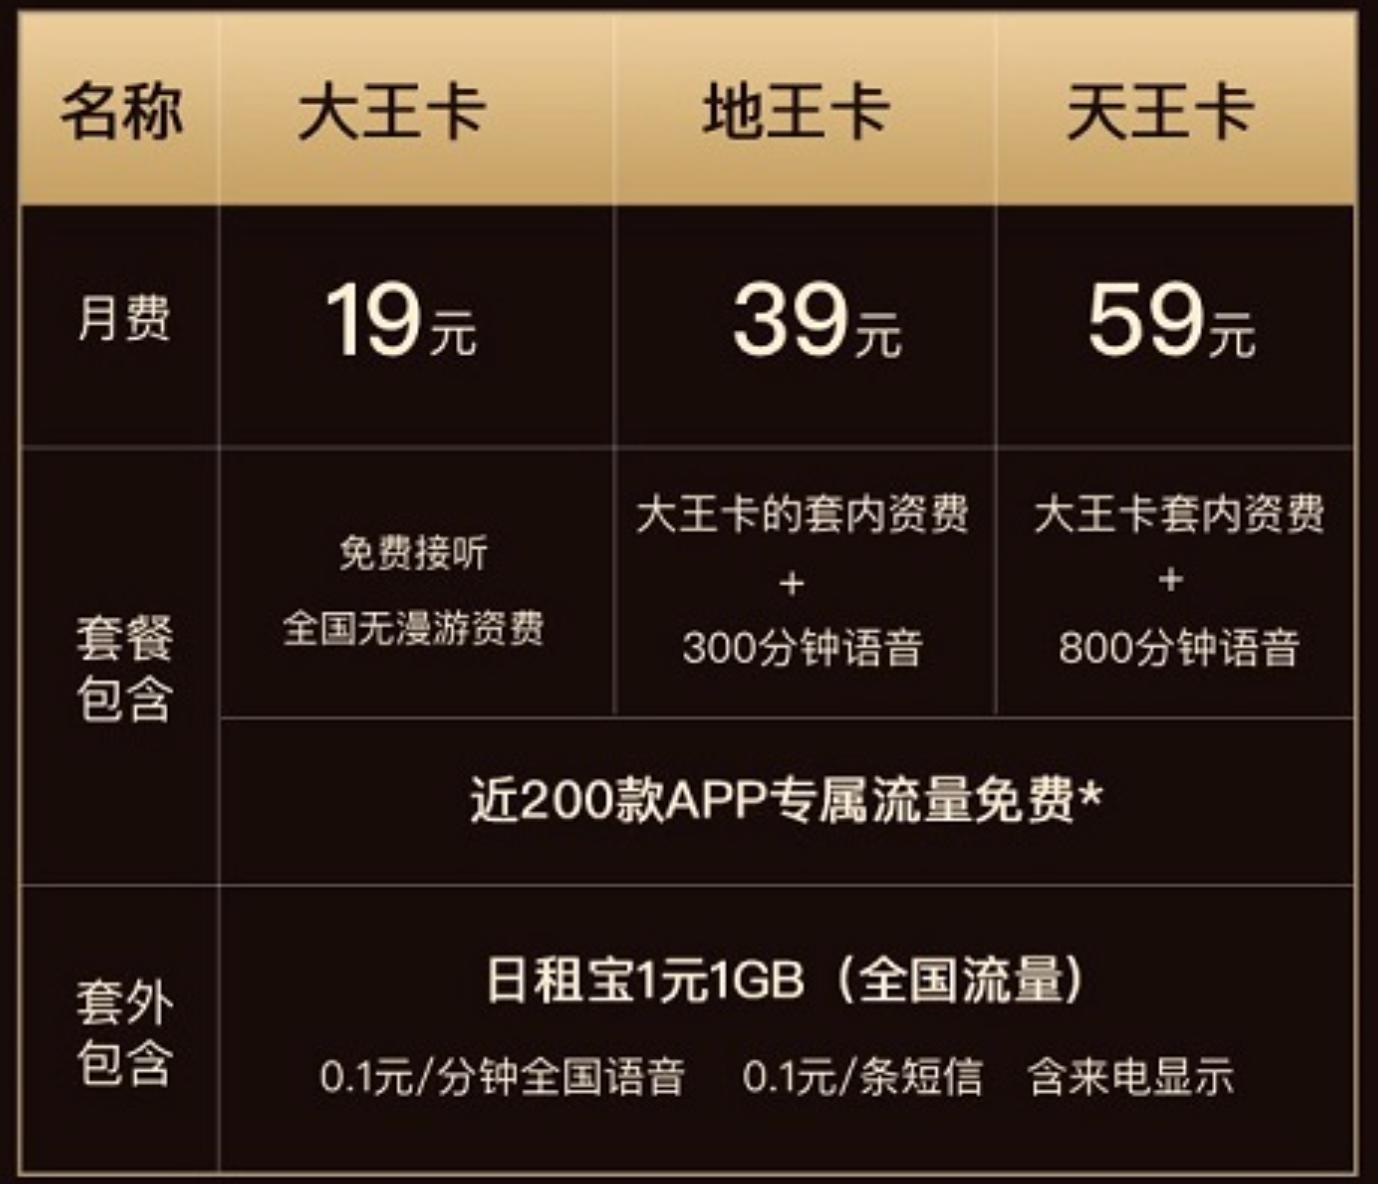 学生申请攻略:腾讯大王卡套餐介绍详解、免流量范围包含哪些